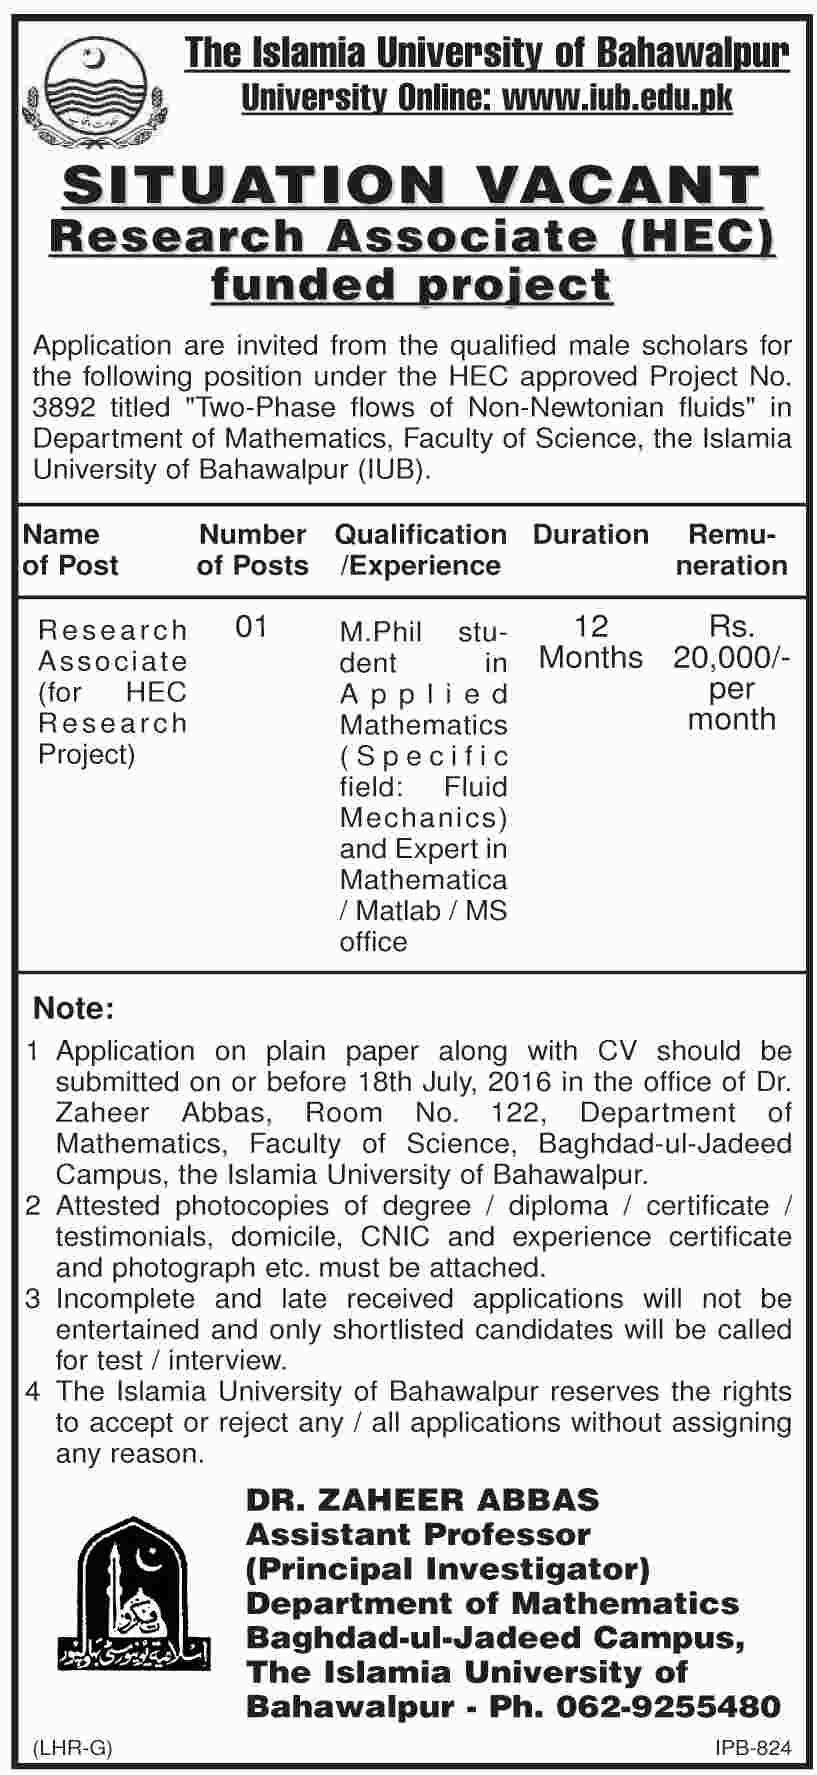 The Islamia University of Bahawalpur Research Associate Job